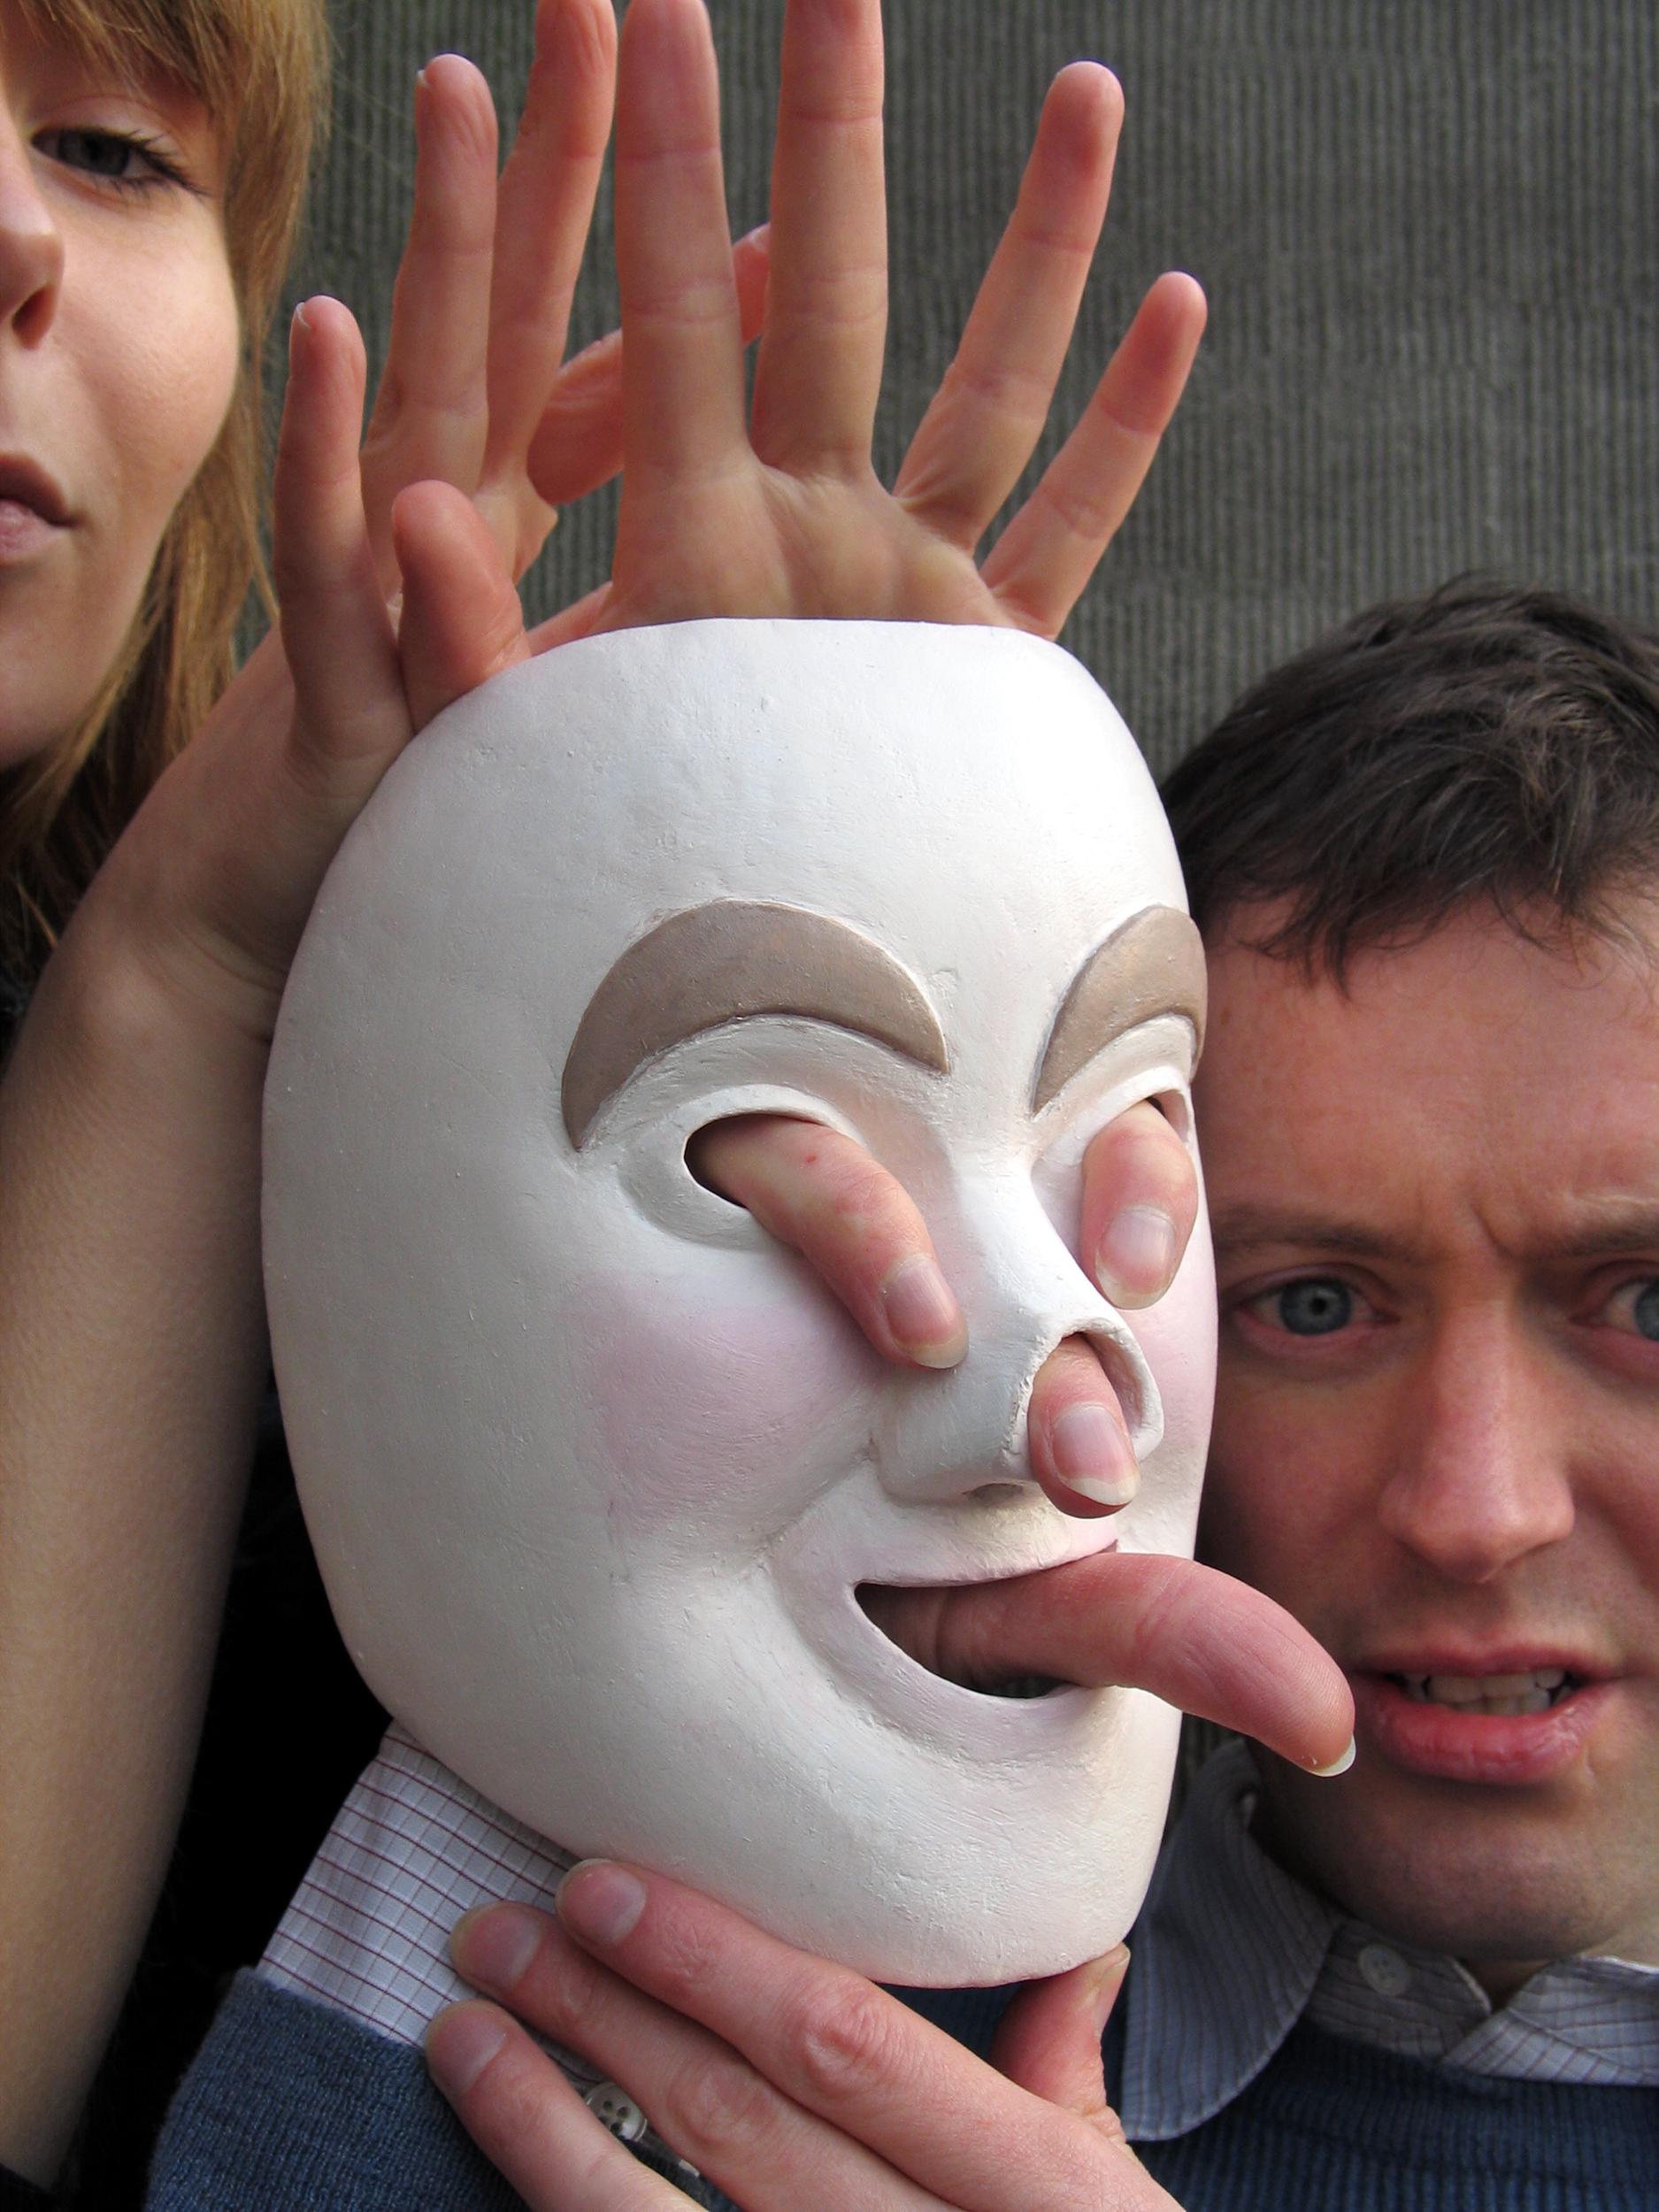 Handmask, photograph by Wouter van Riessen